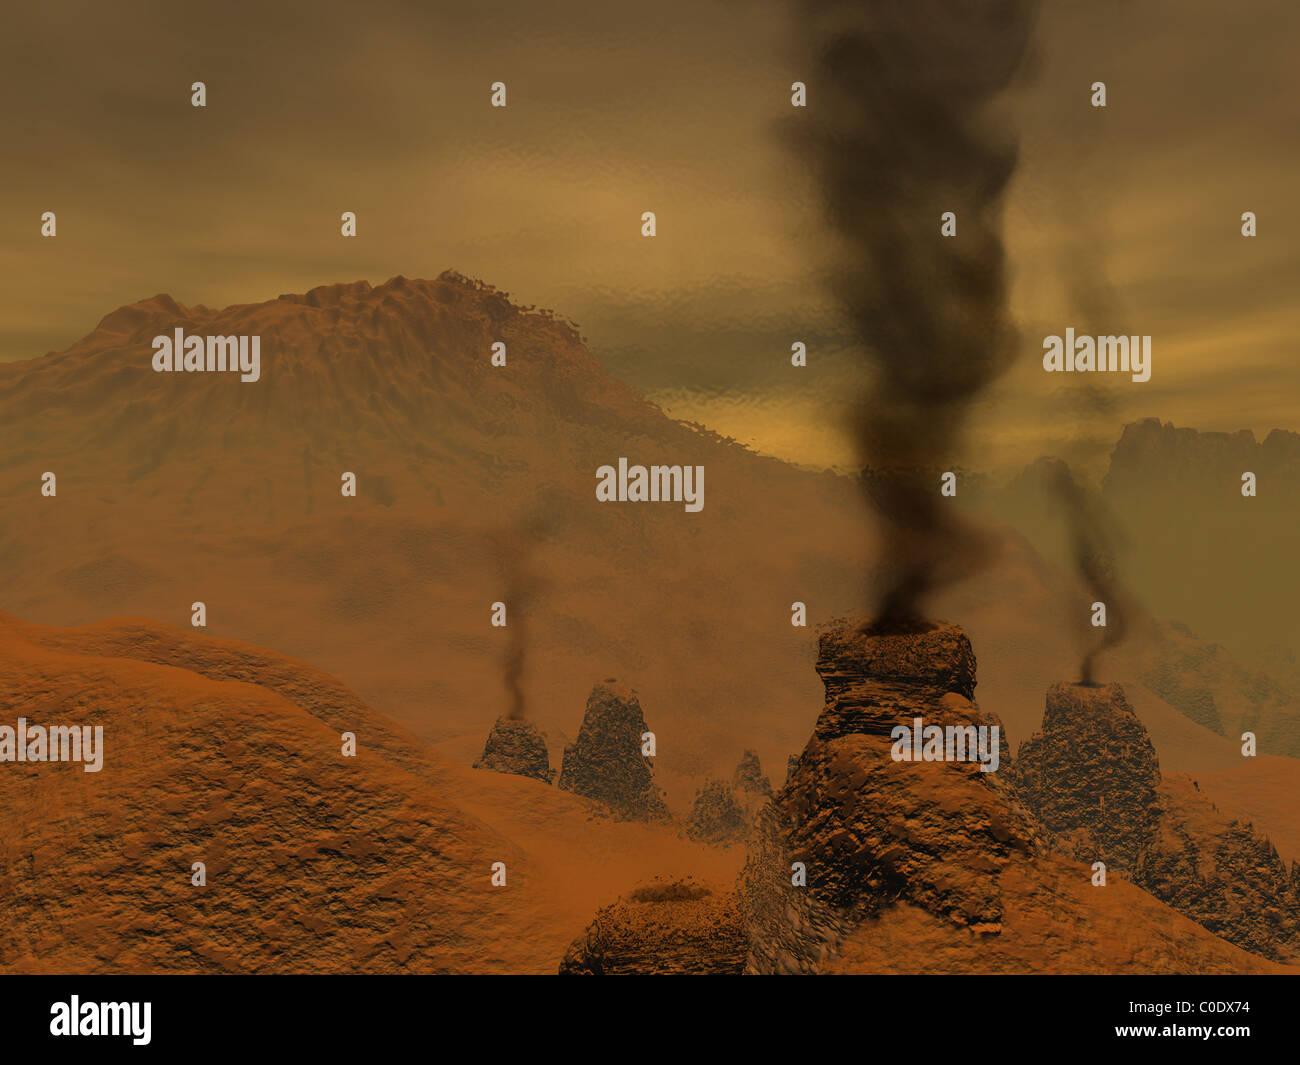 Artista del concetto di attività vulcanica sulla superficie di Venere. Immagini Stock